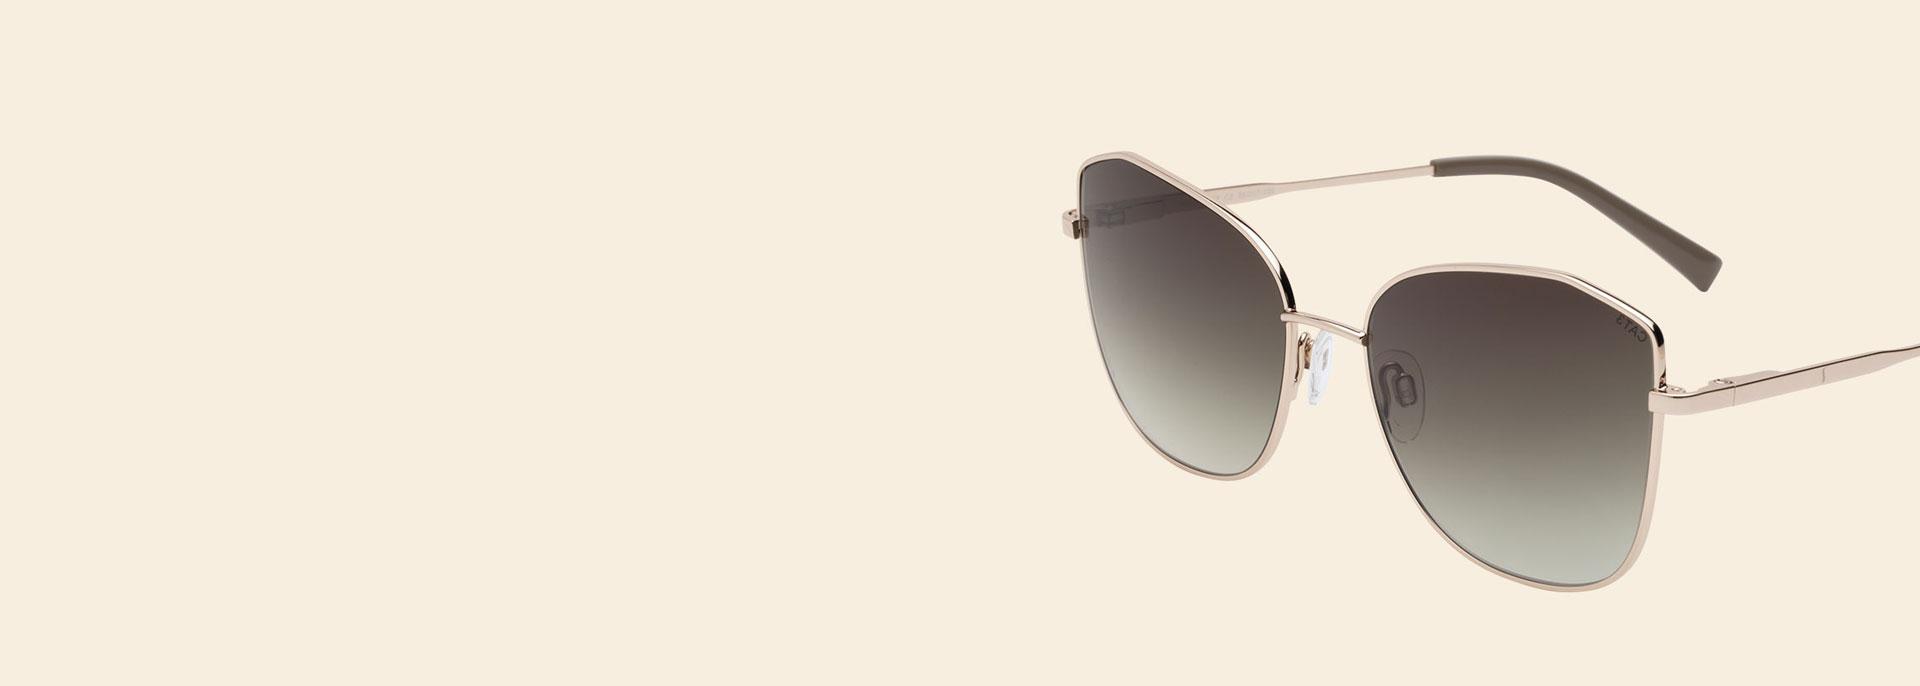 Essentials Sun Collection by Smarteyes